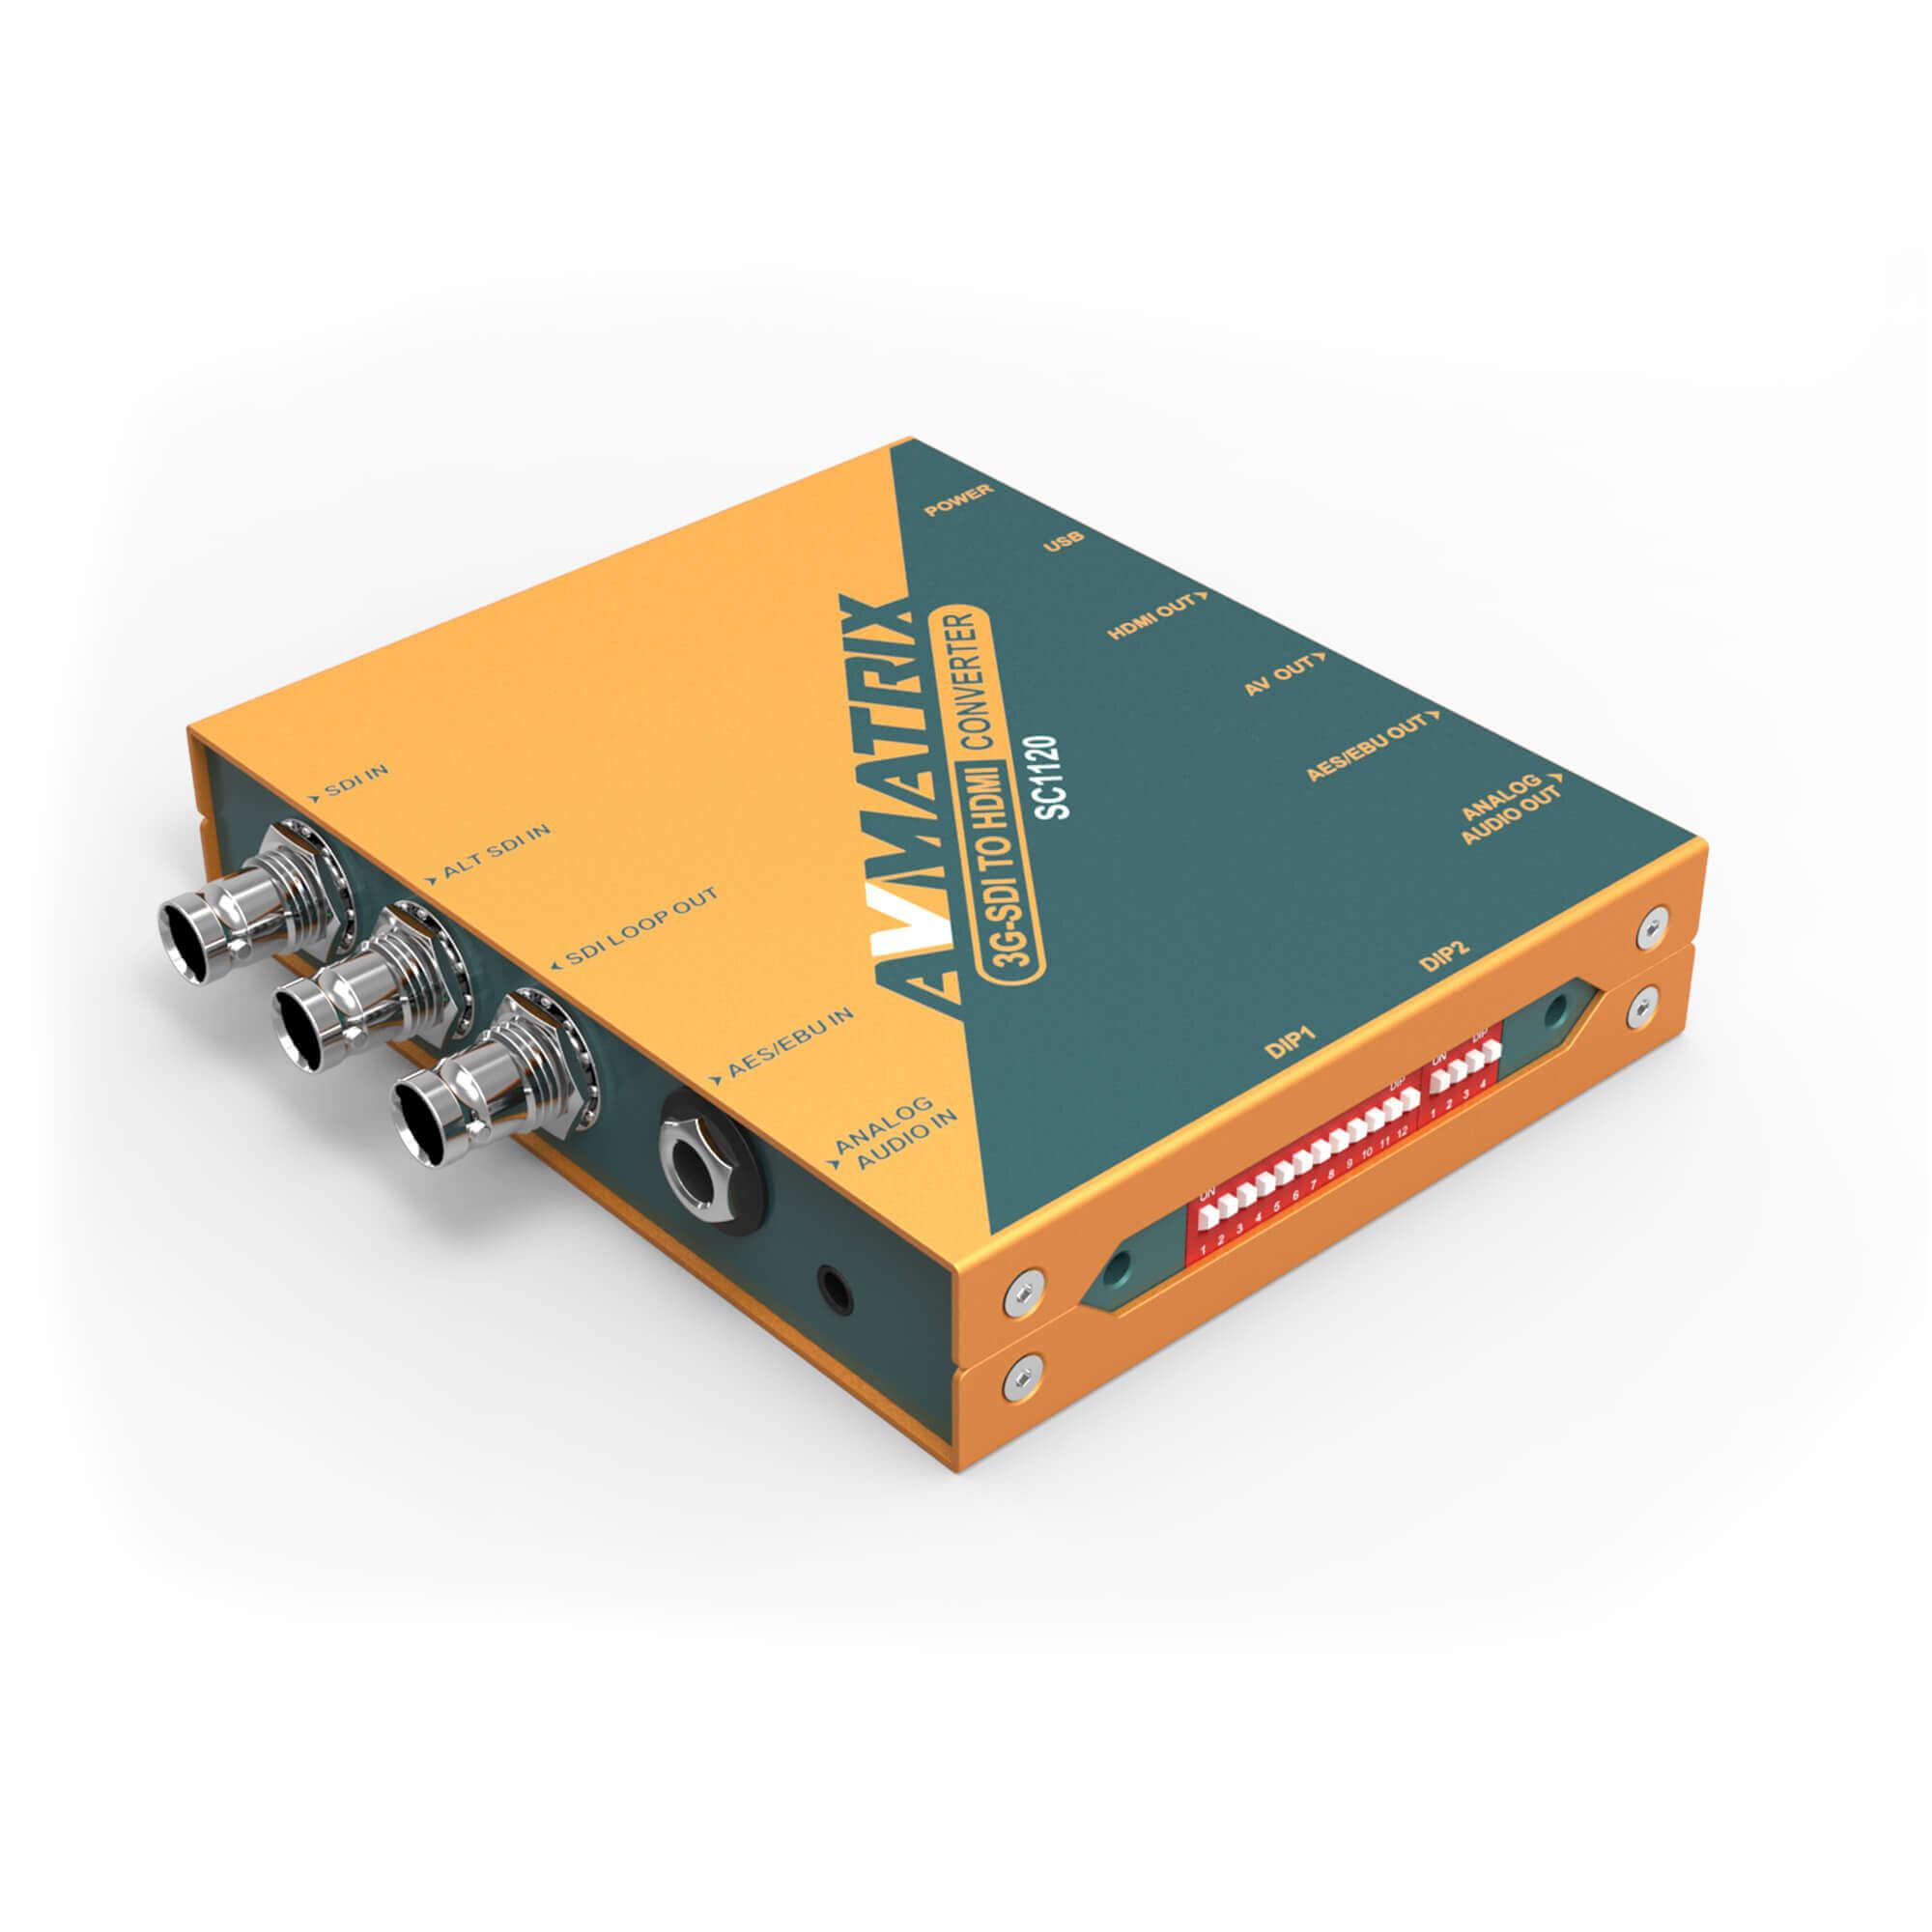 【2020.8月5日新発売】東通販取扱製品紹介 AVMATRIX社製 SC1120 3G-SDI to HDMI/ビデオ スケーリングコンバーター 【AM-5】